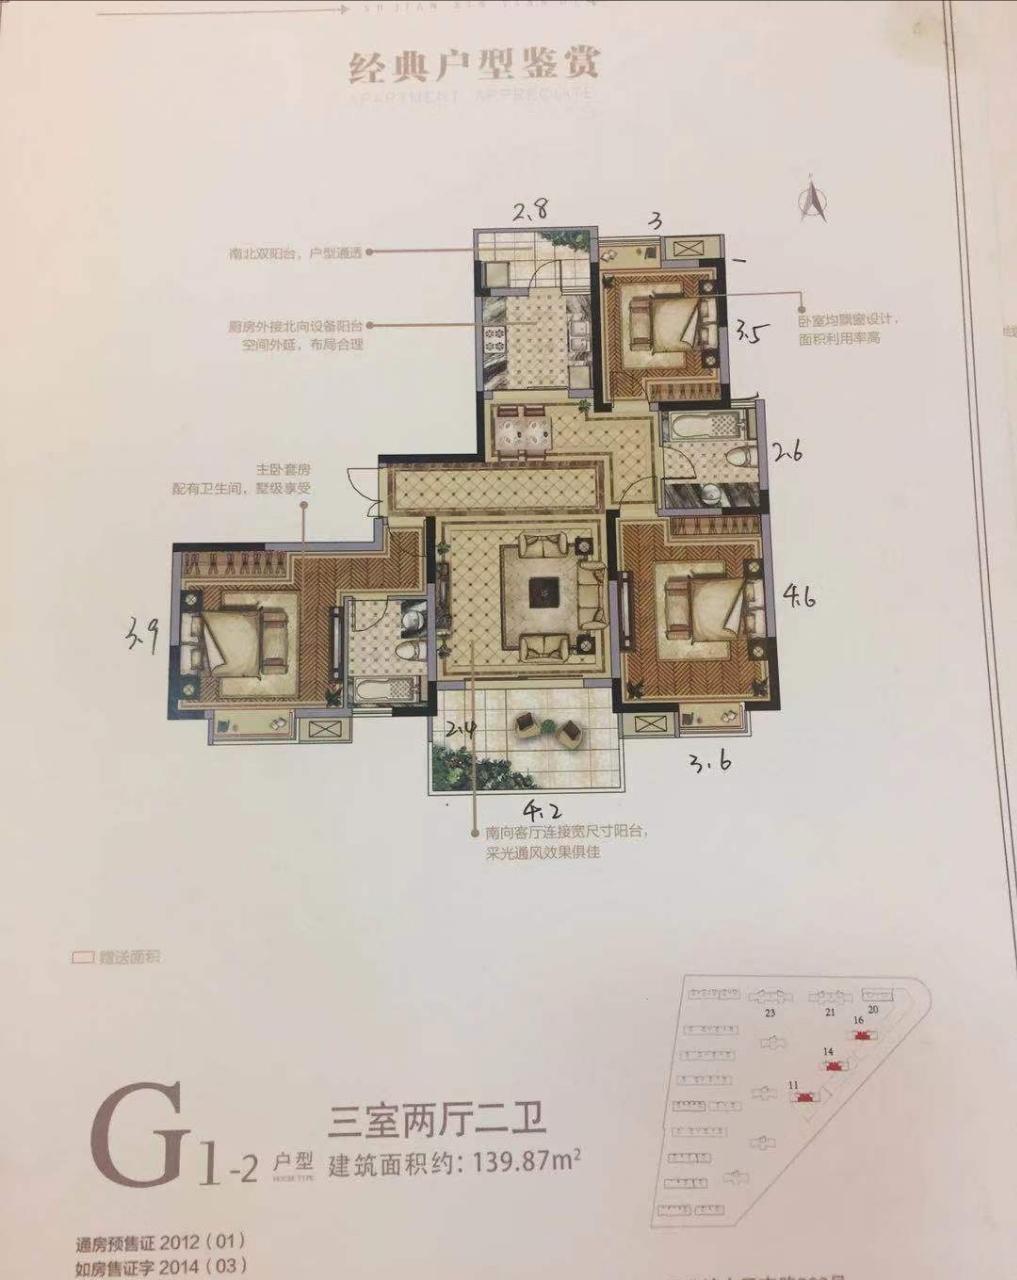 蘇建小區中層140平H戶型3房+附房+車位117萬